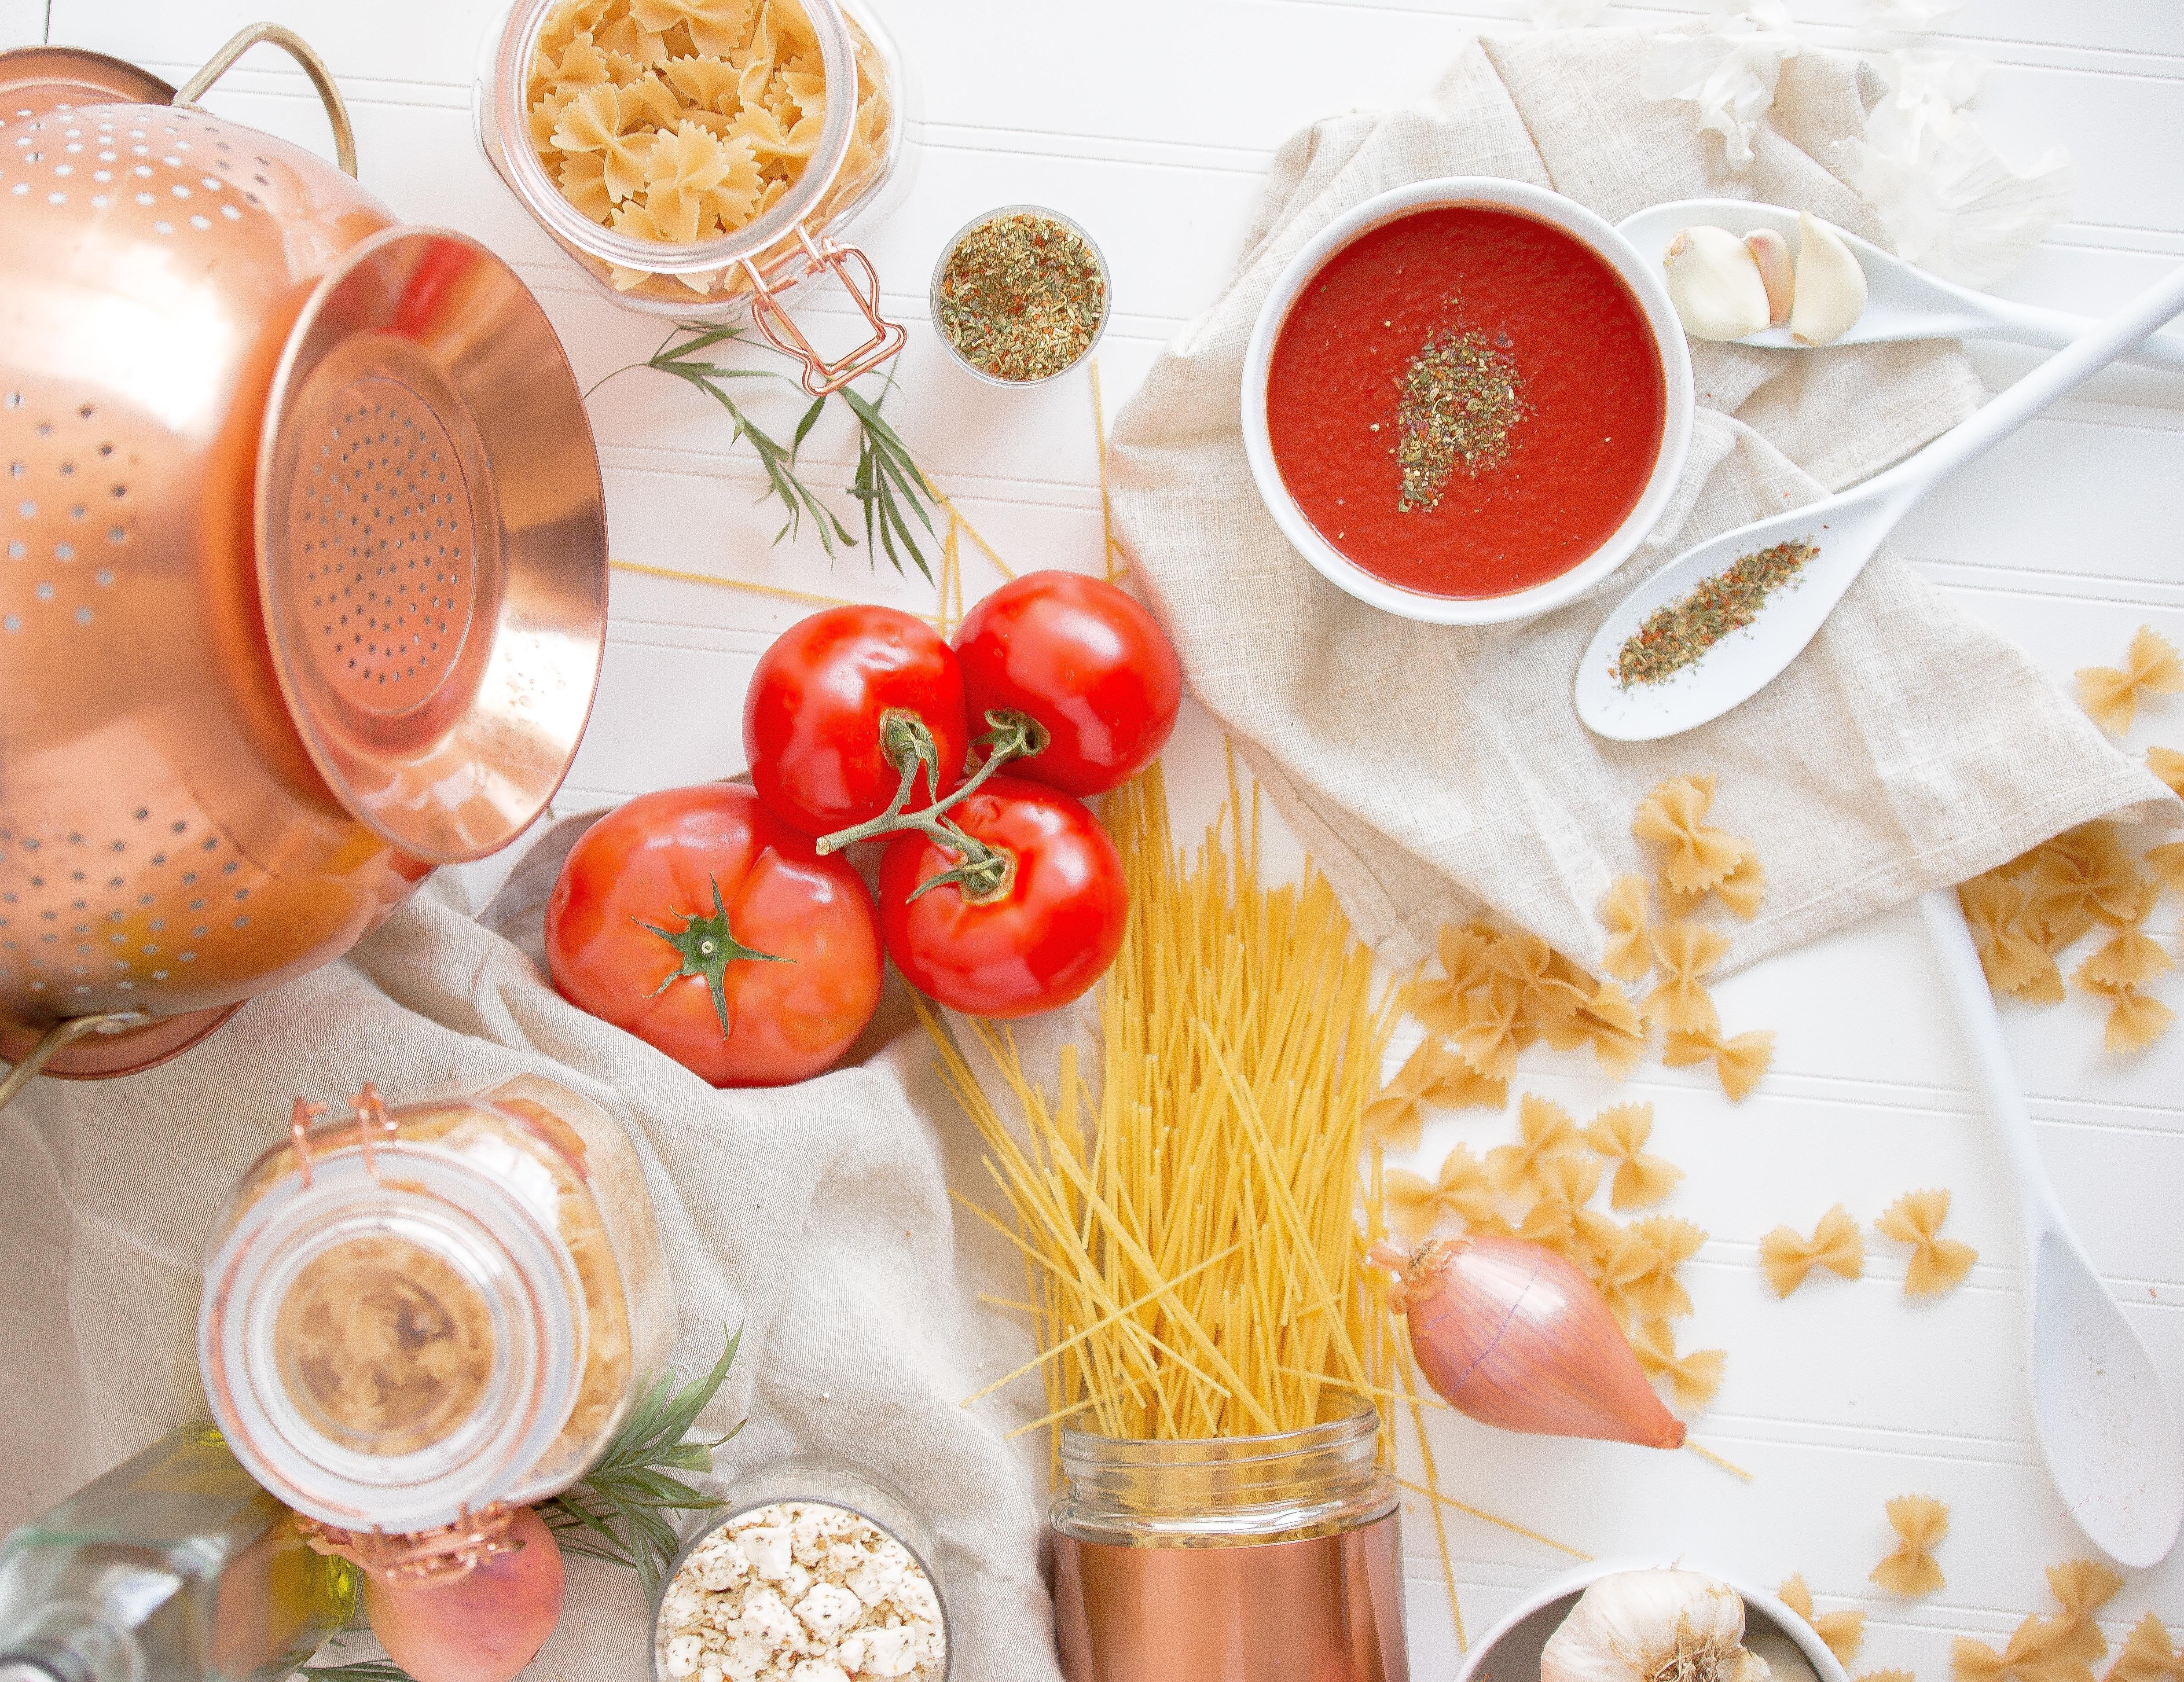 Italian food flatlay